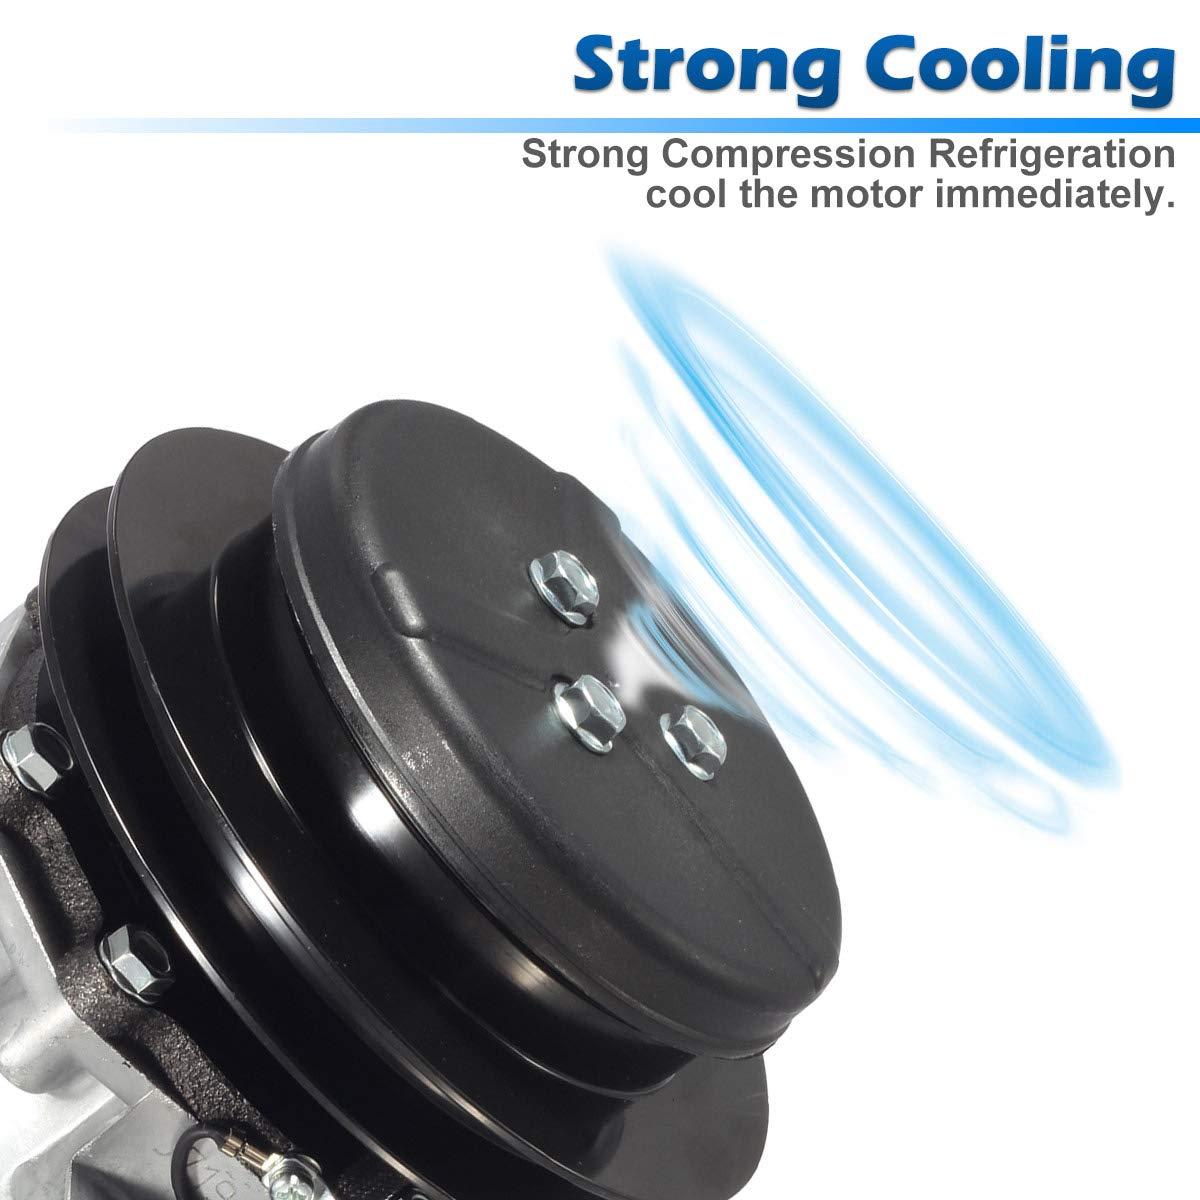 AC Compresor & a/c embrague reemplazar Co 29003 C re12513 John Deere: Amazon.es: Coche y moto